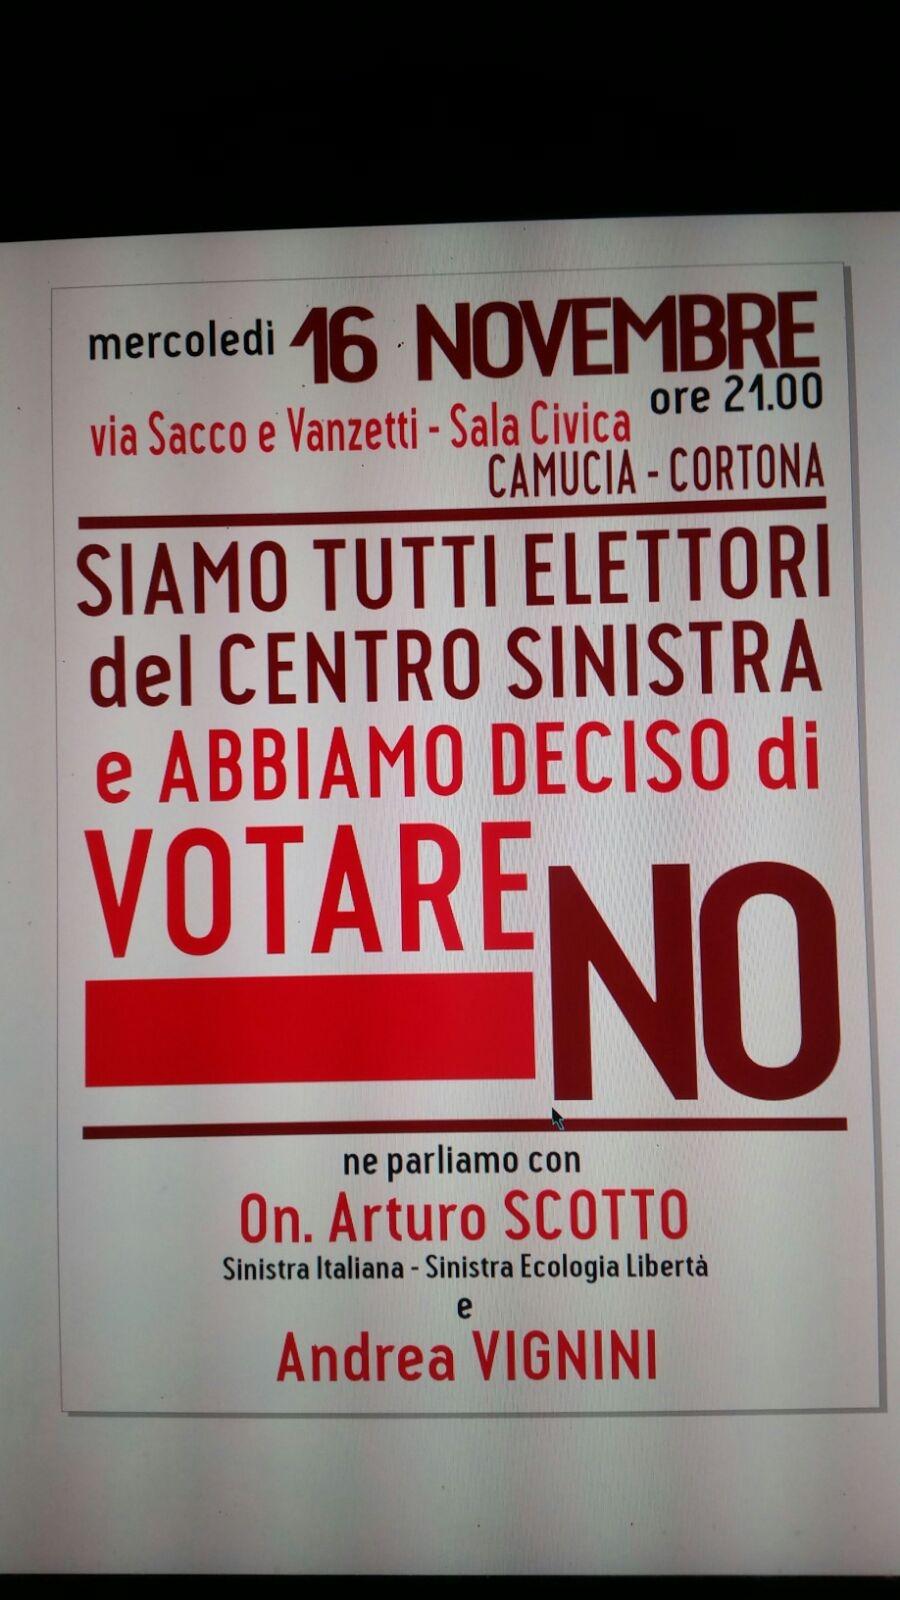 'Abbiamo deciso di votare No', assemblea pubblica a Camucia il 16 Novembre